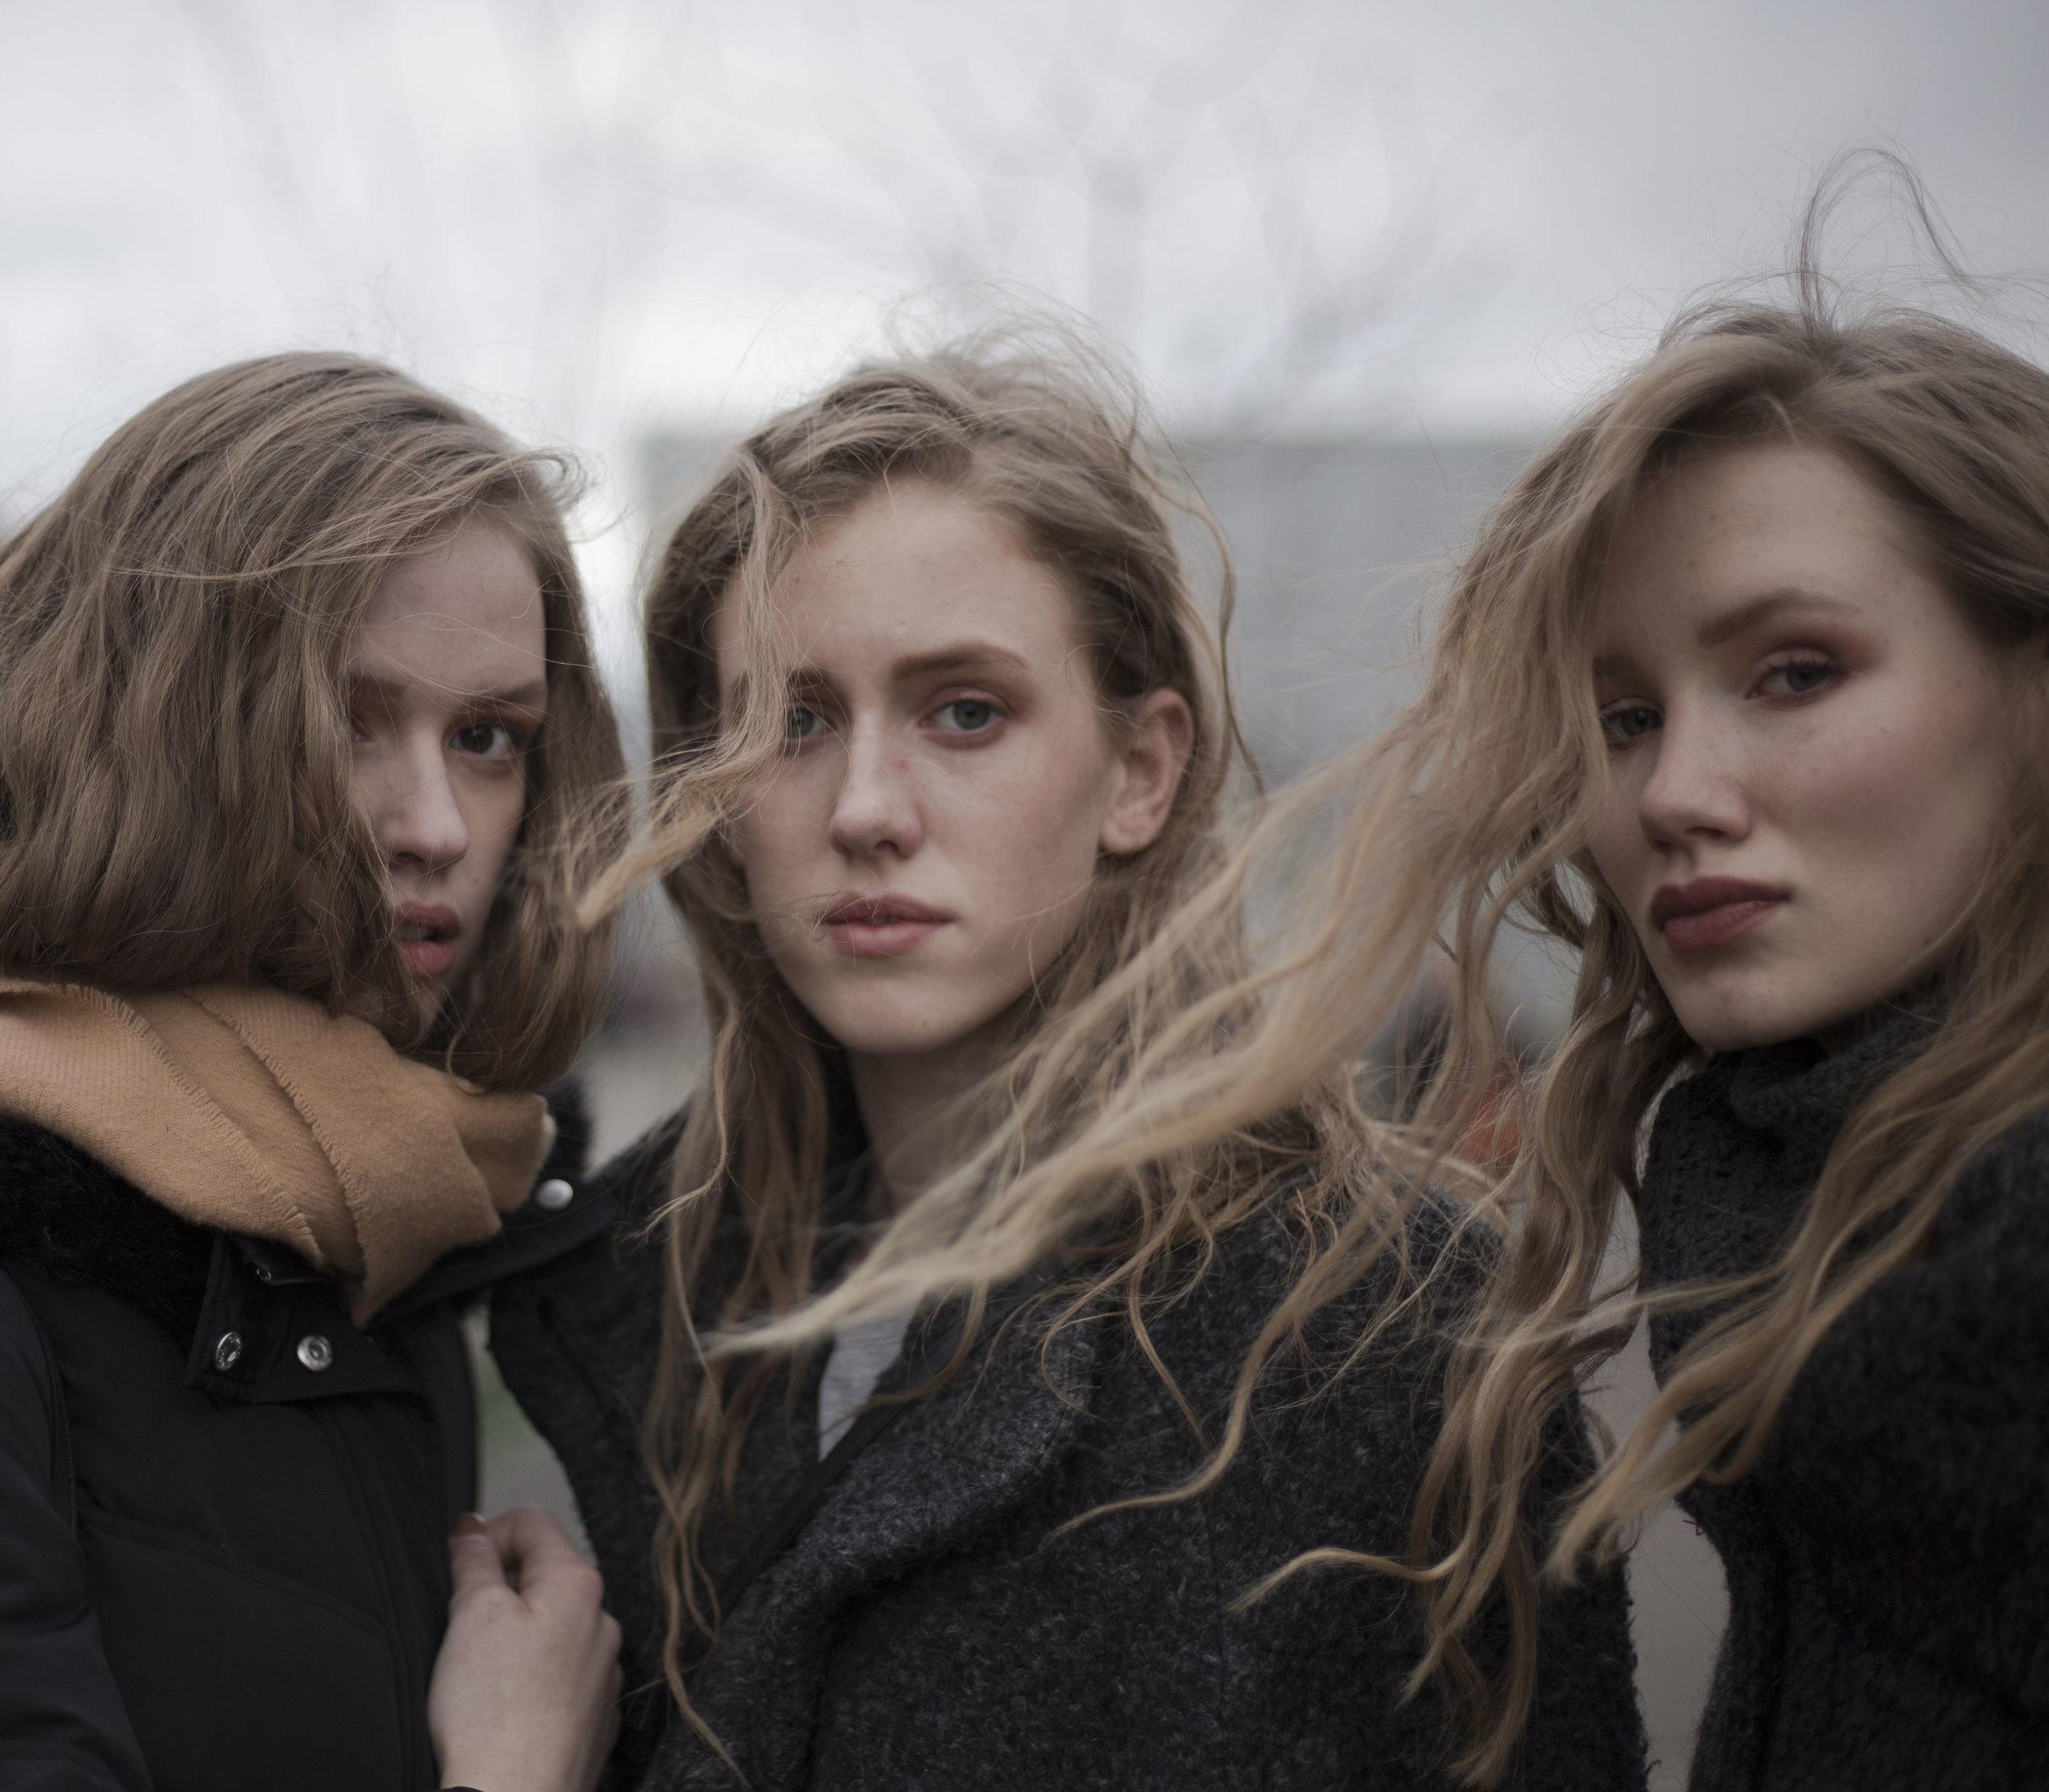 elite-models-copenhagen-fashion-week-scandinavian-street-style-streetstyle-thestreetland-fashion-best-style.jpg